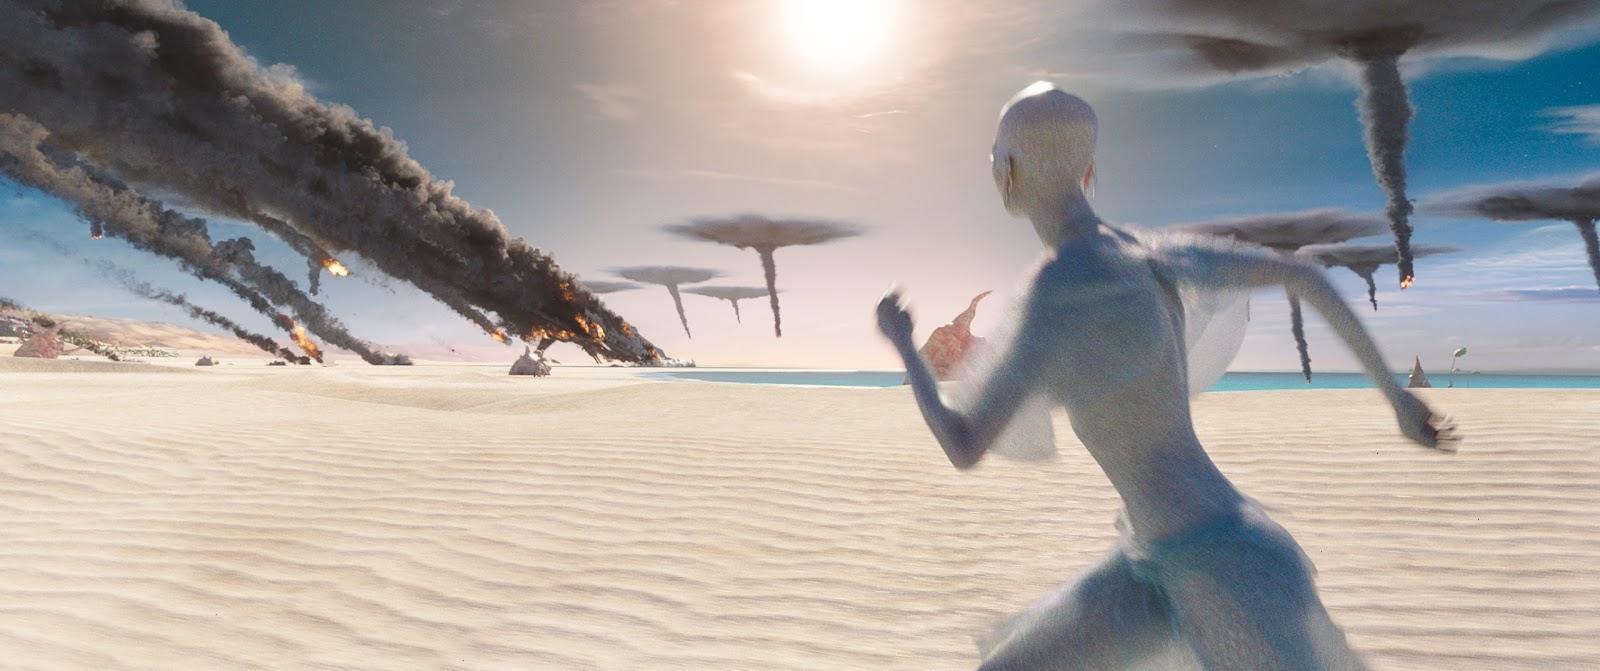 Valerian y la ciudad de los mil planetas - efectos especiales